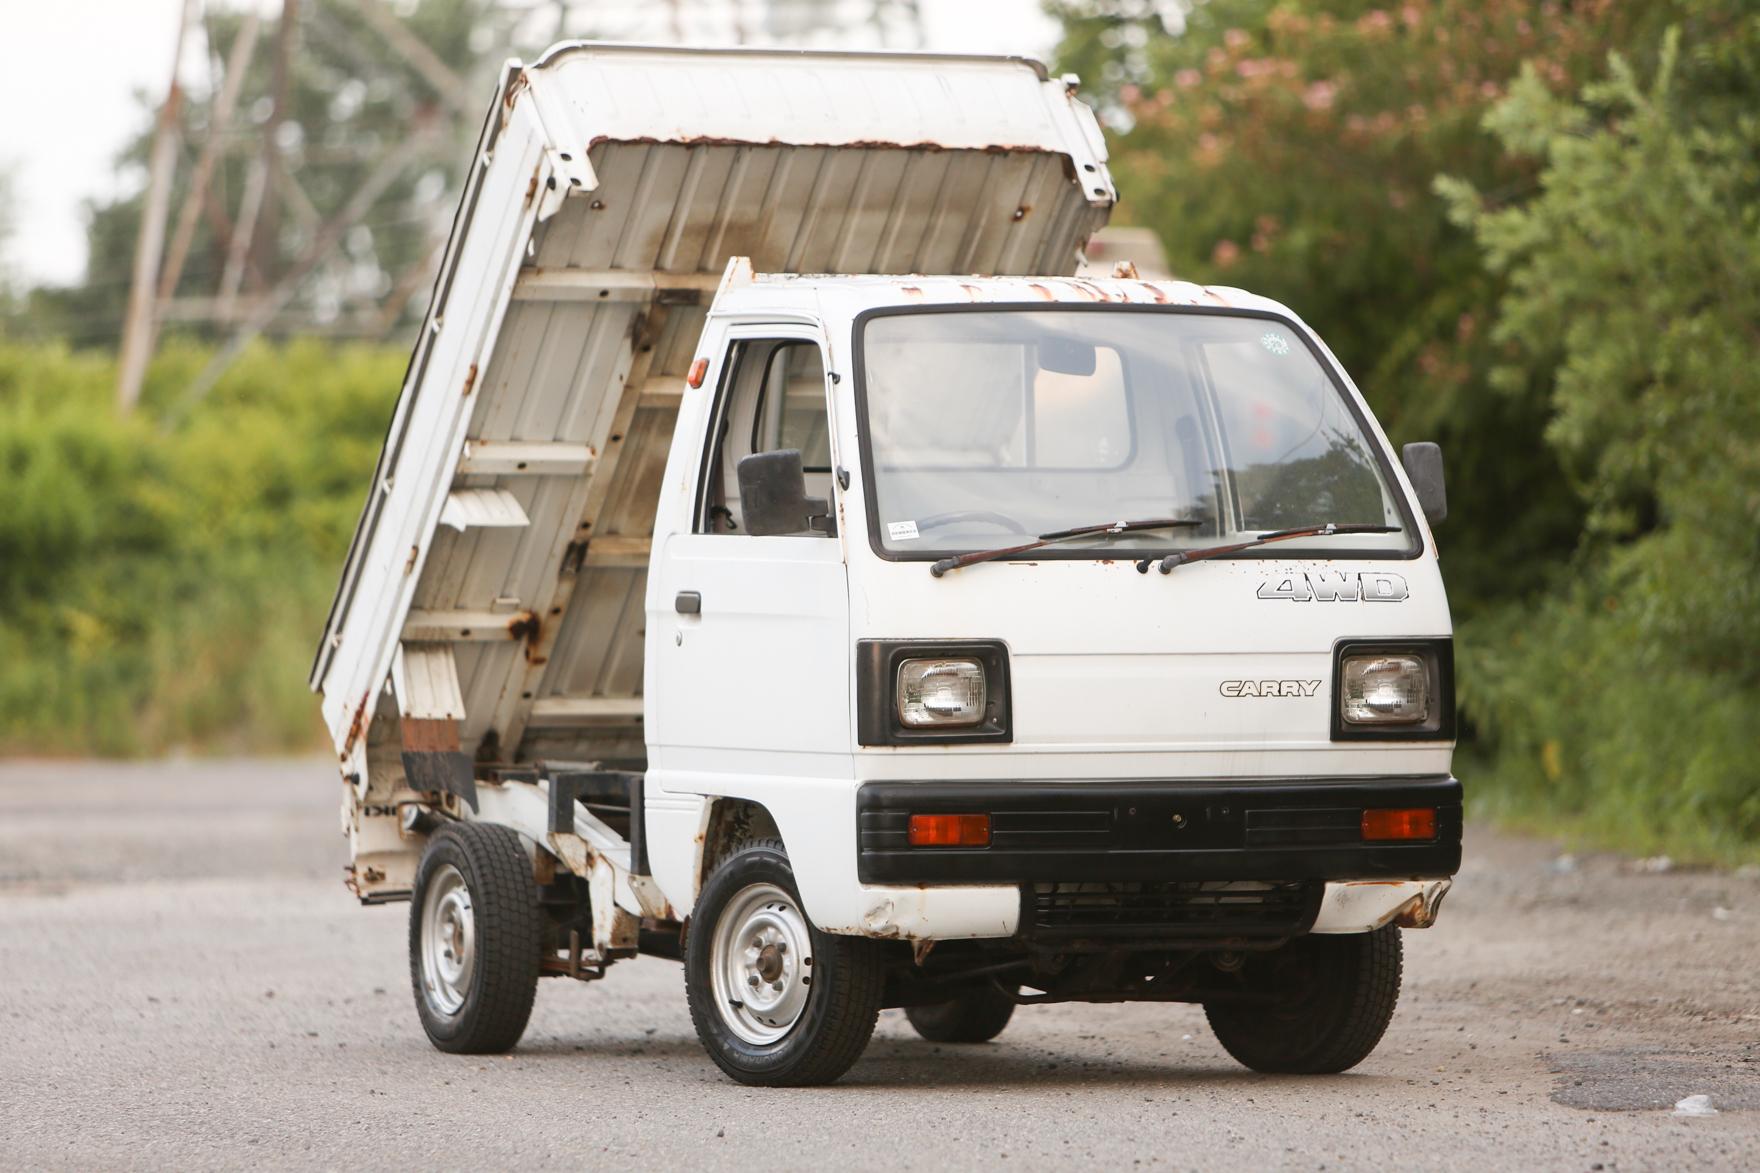 1989 Suzuki Carry 4WD DUMP - $6,150